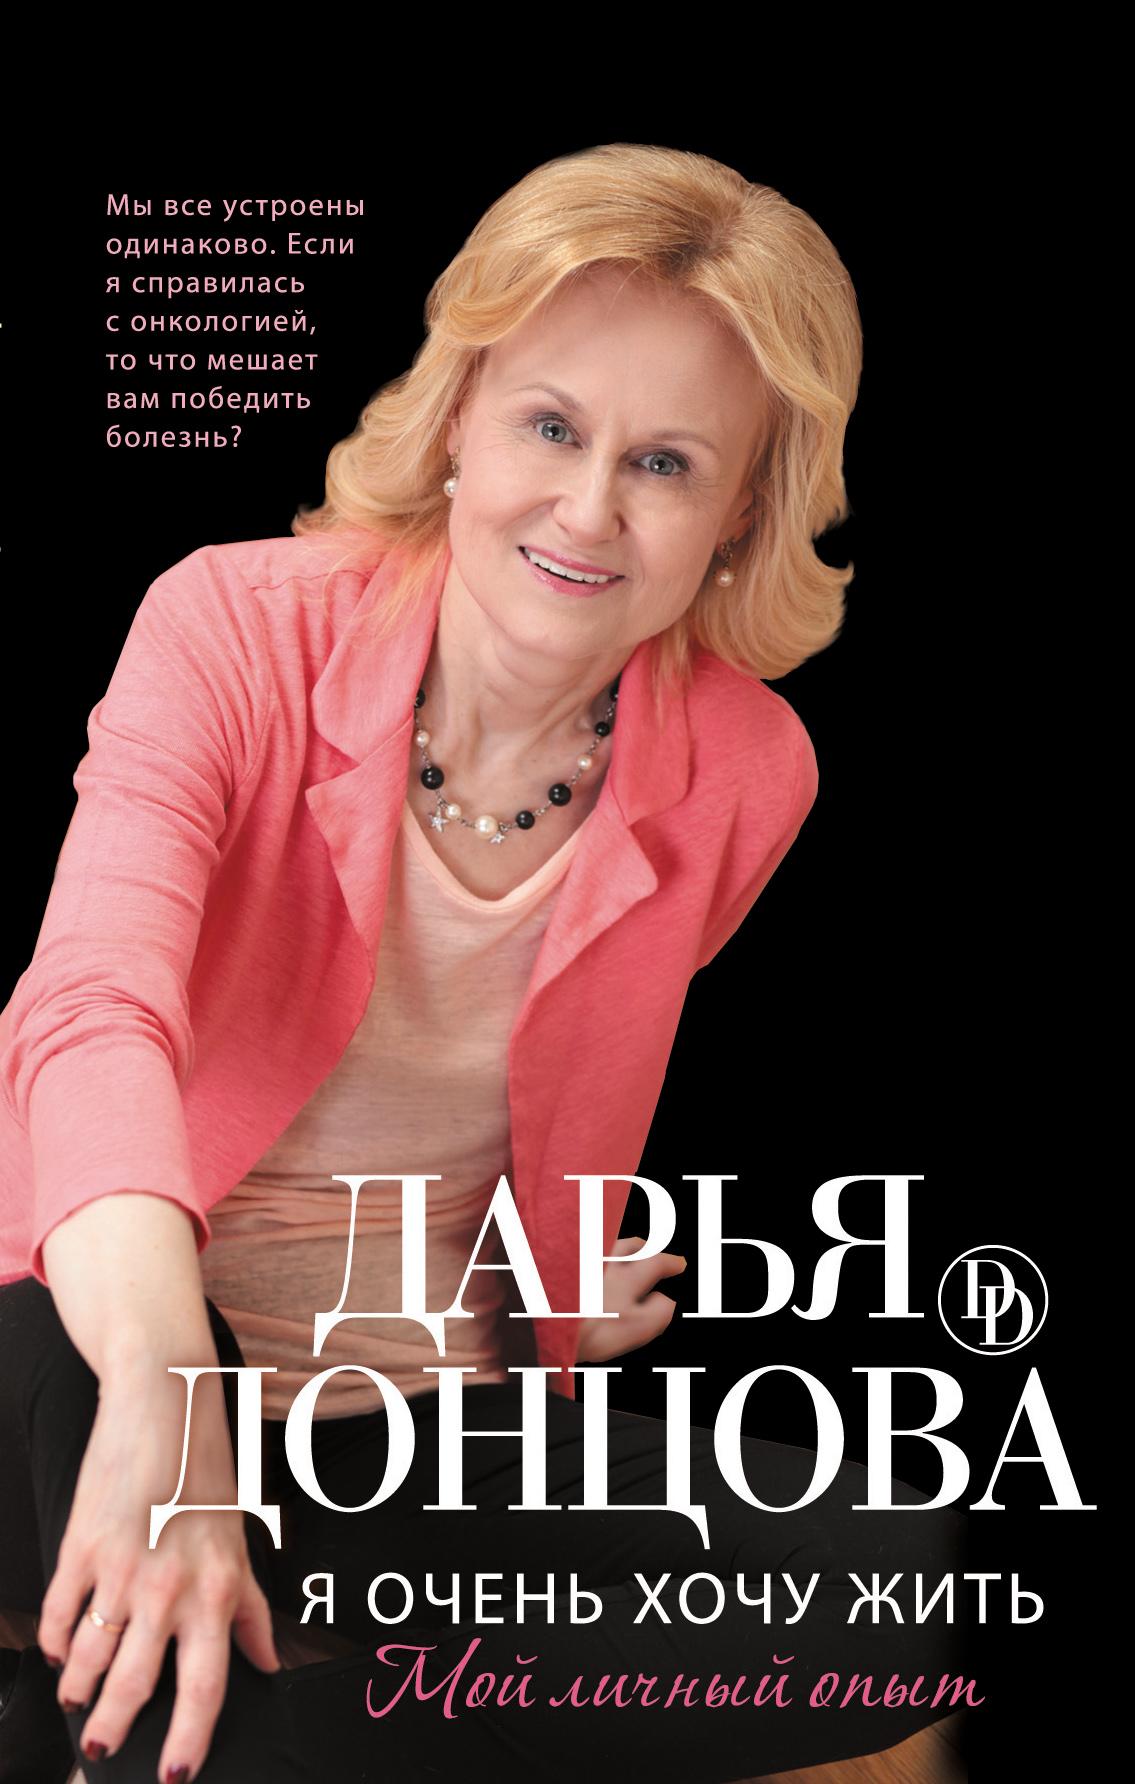 Дарья Донцова Я очень хочу жить: Мой личный опыт дарья донцова я очень хочу жить мой личный опыт